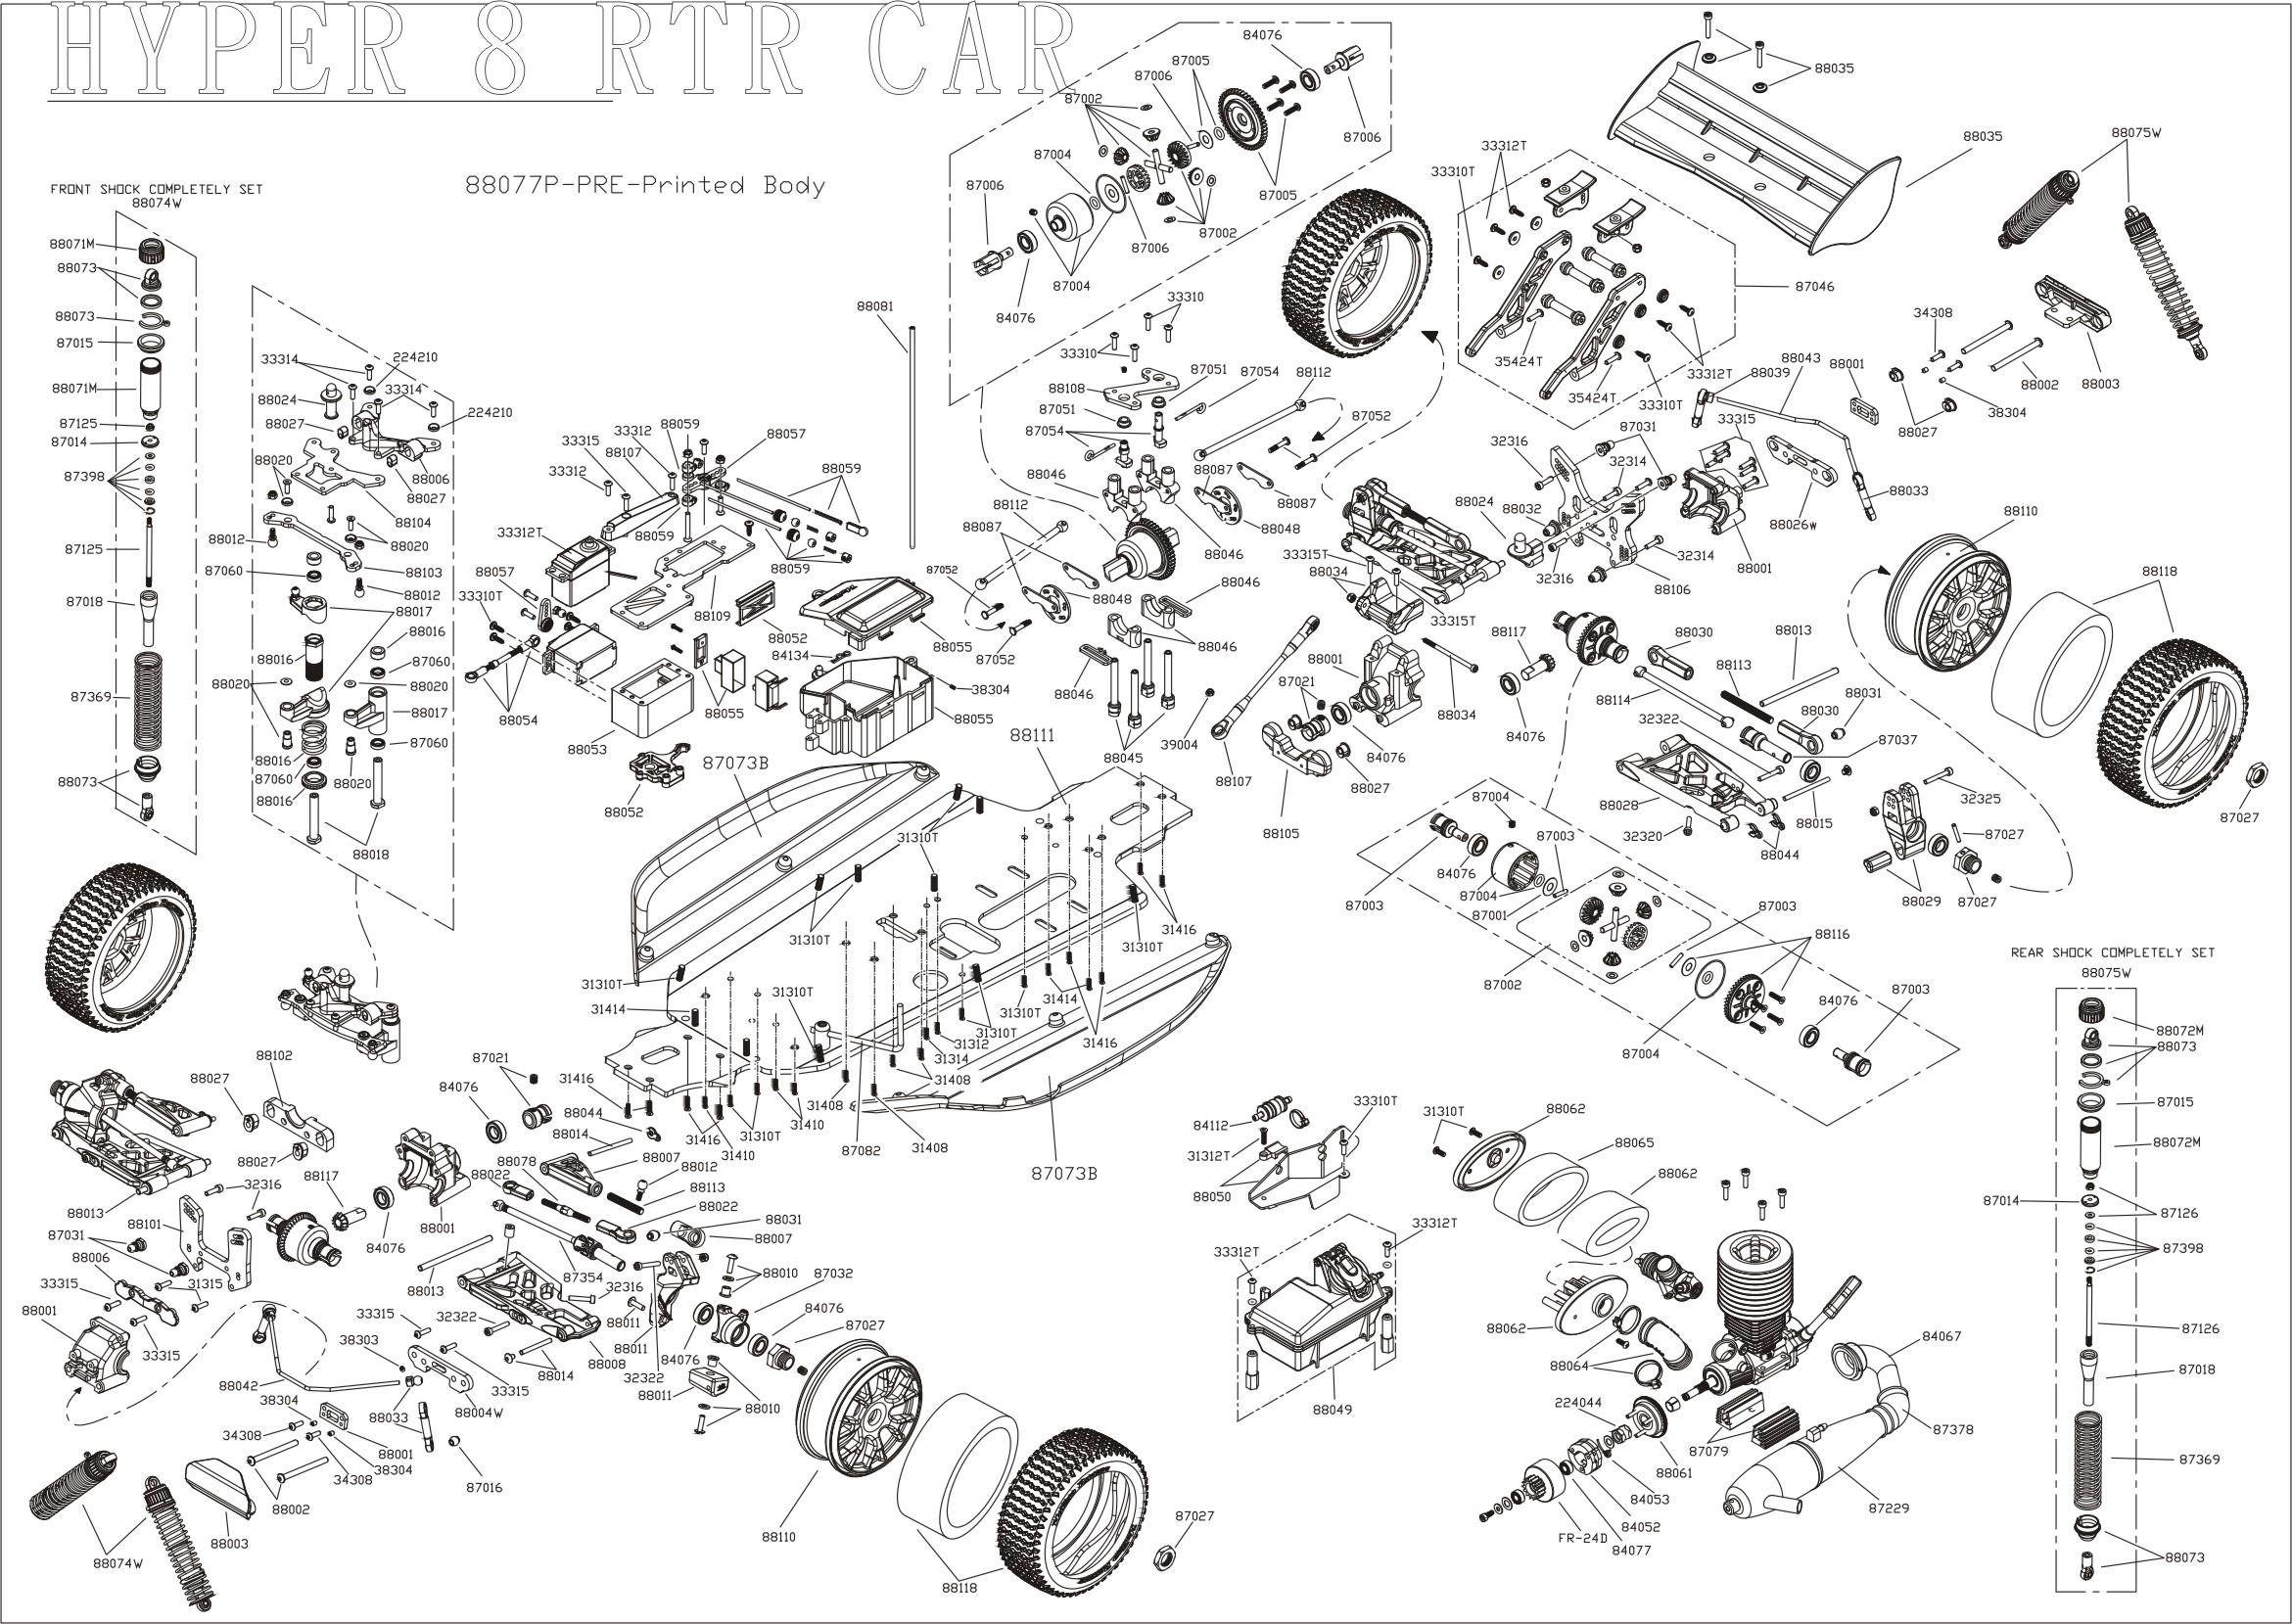 Car Body Parts Diagram Catalog Car Parts Sketch at Paintingvalley Of Car Body Parts Diagram Catalog